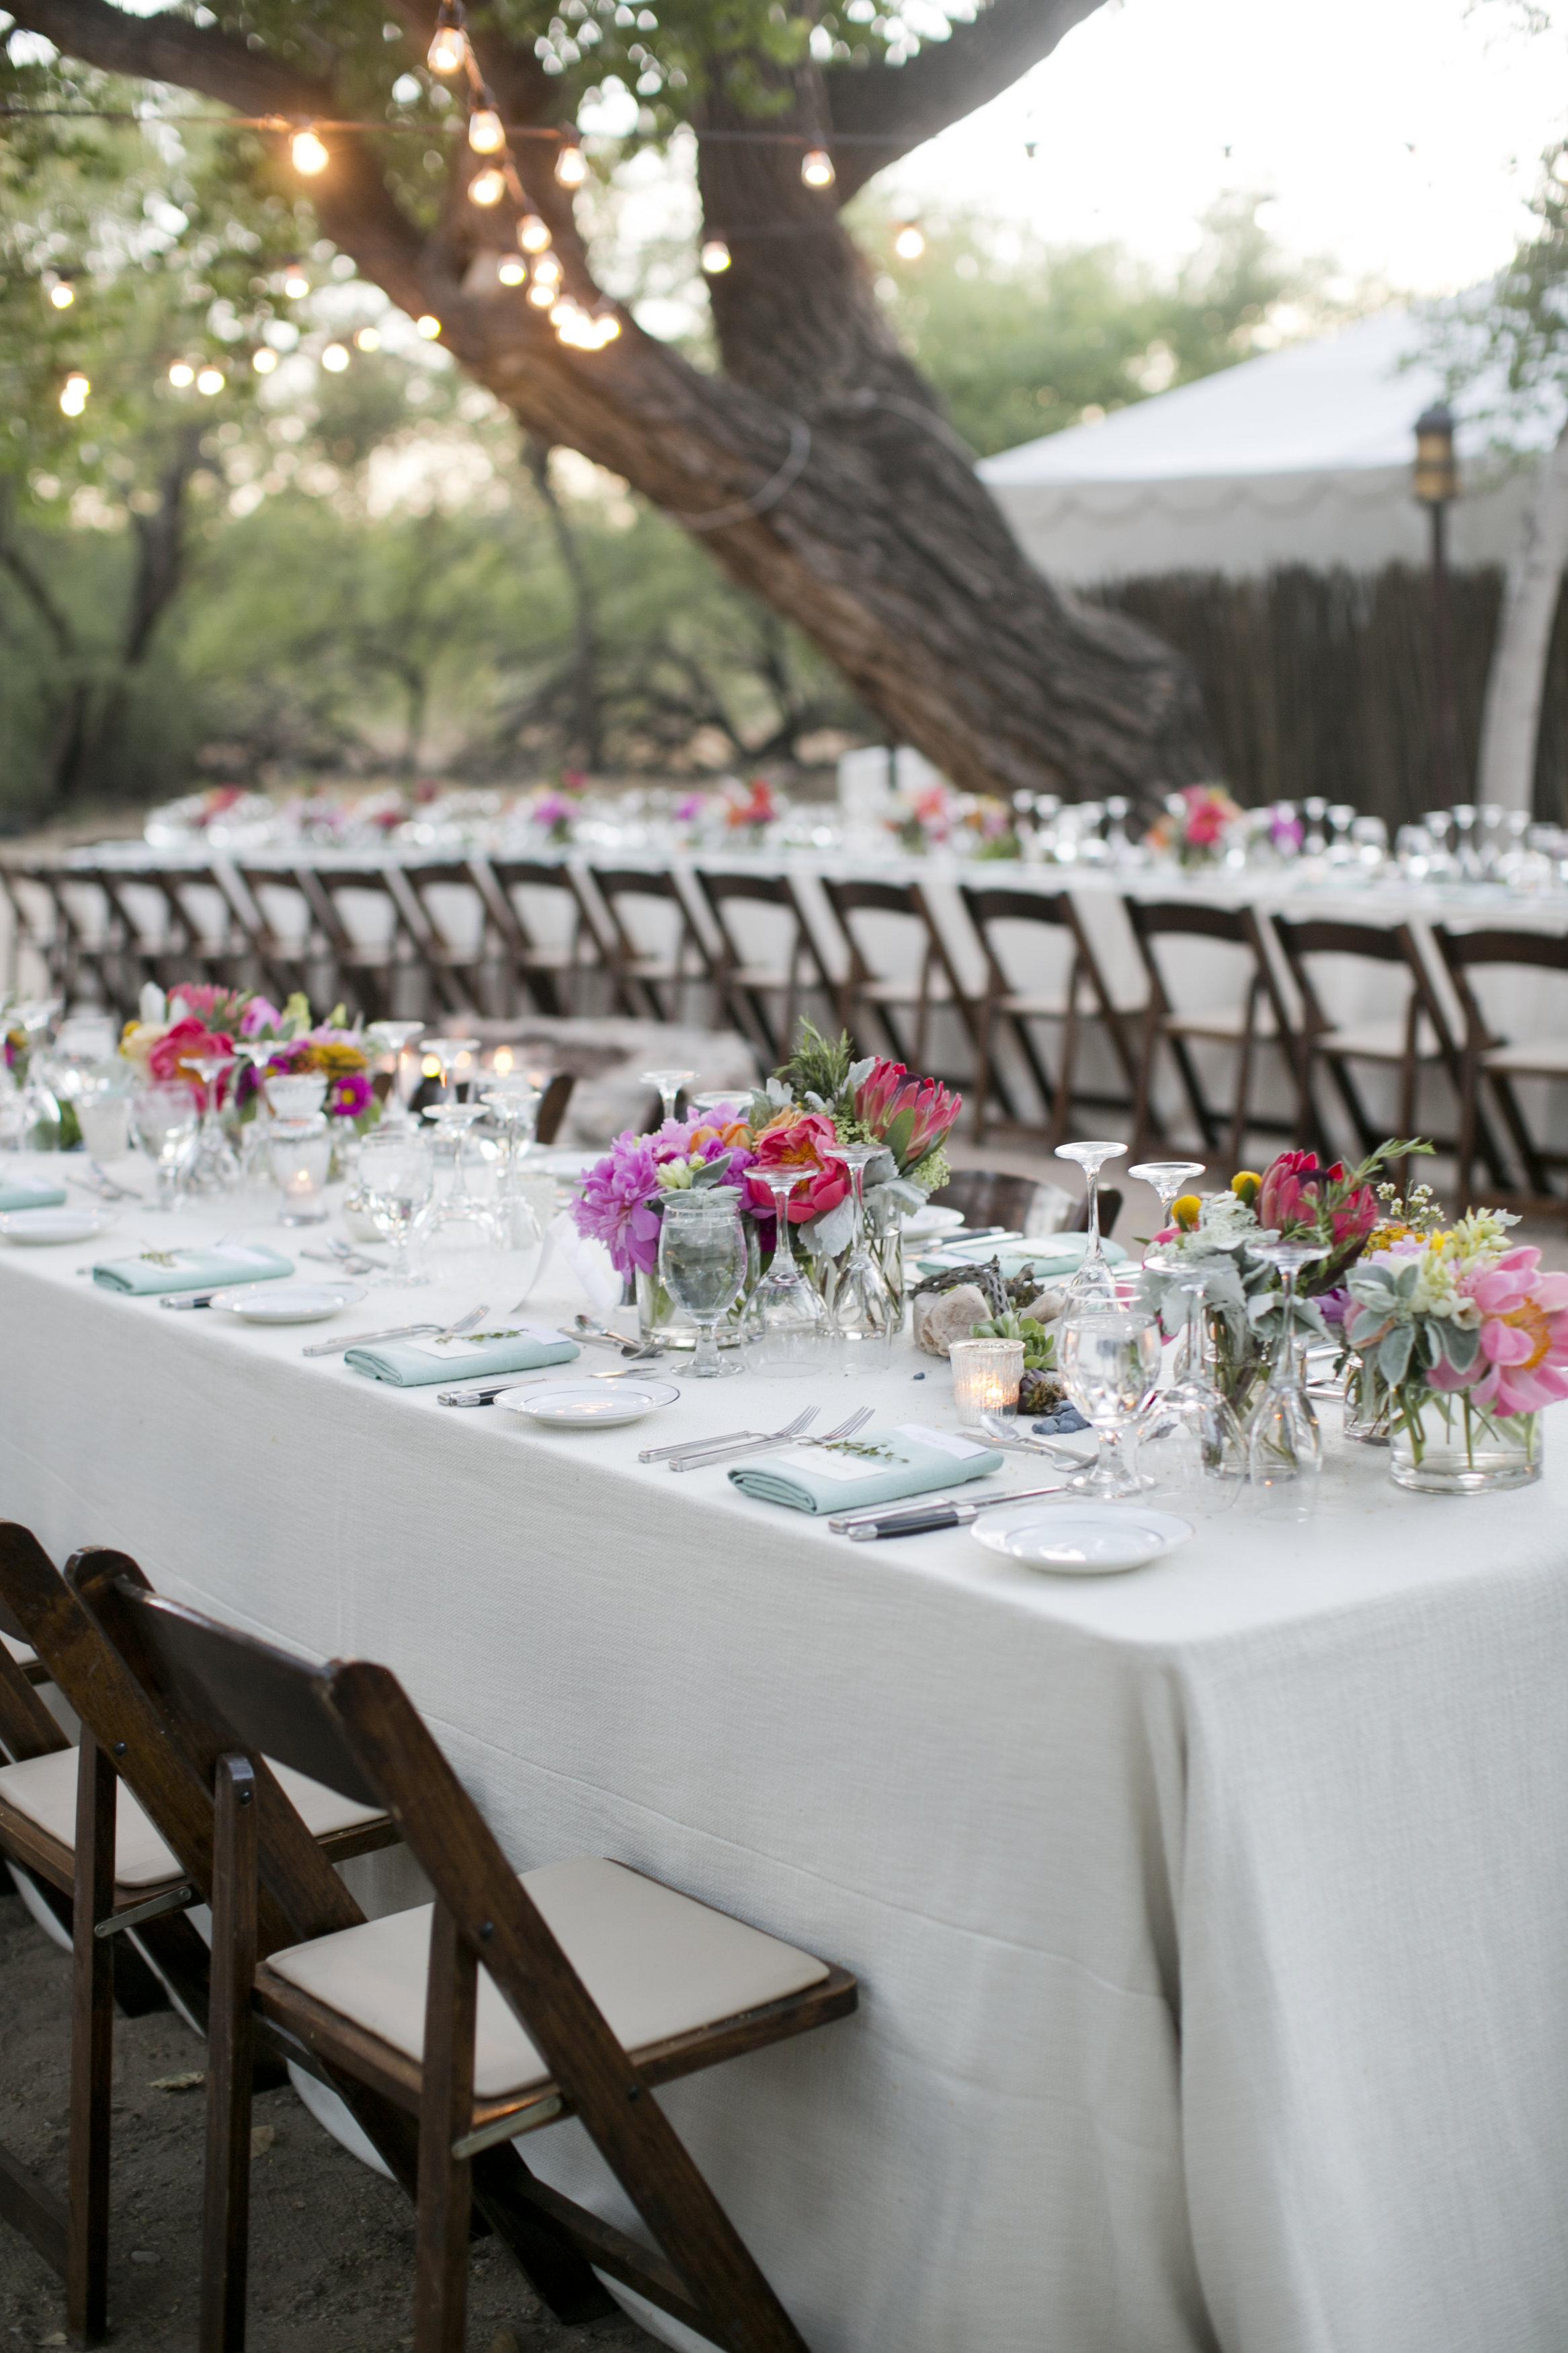 Ceci_New_York_Ceci_Style_Ceci_Johnson_Luxury_Lifestyle_Arizona_Wedding_Watercolor_Inspiration_Design_Custom_Couture_Personalized_Invitations_147.jpg